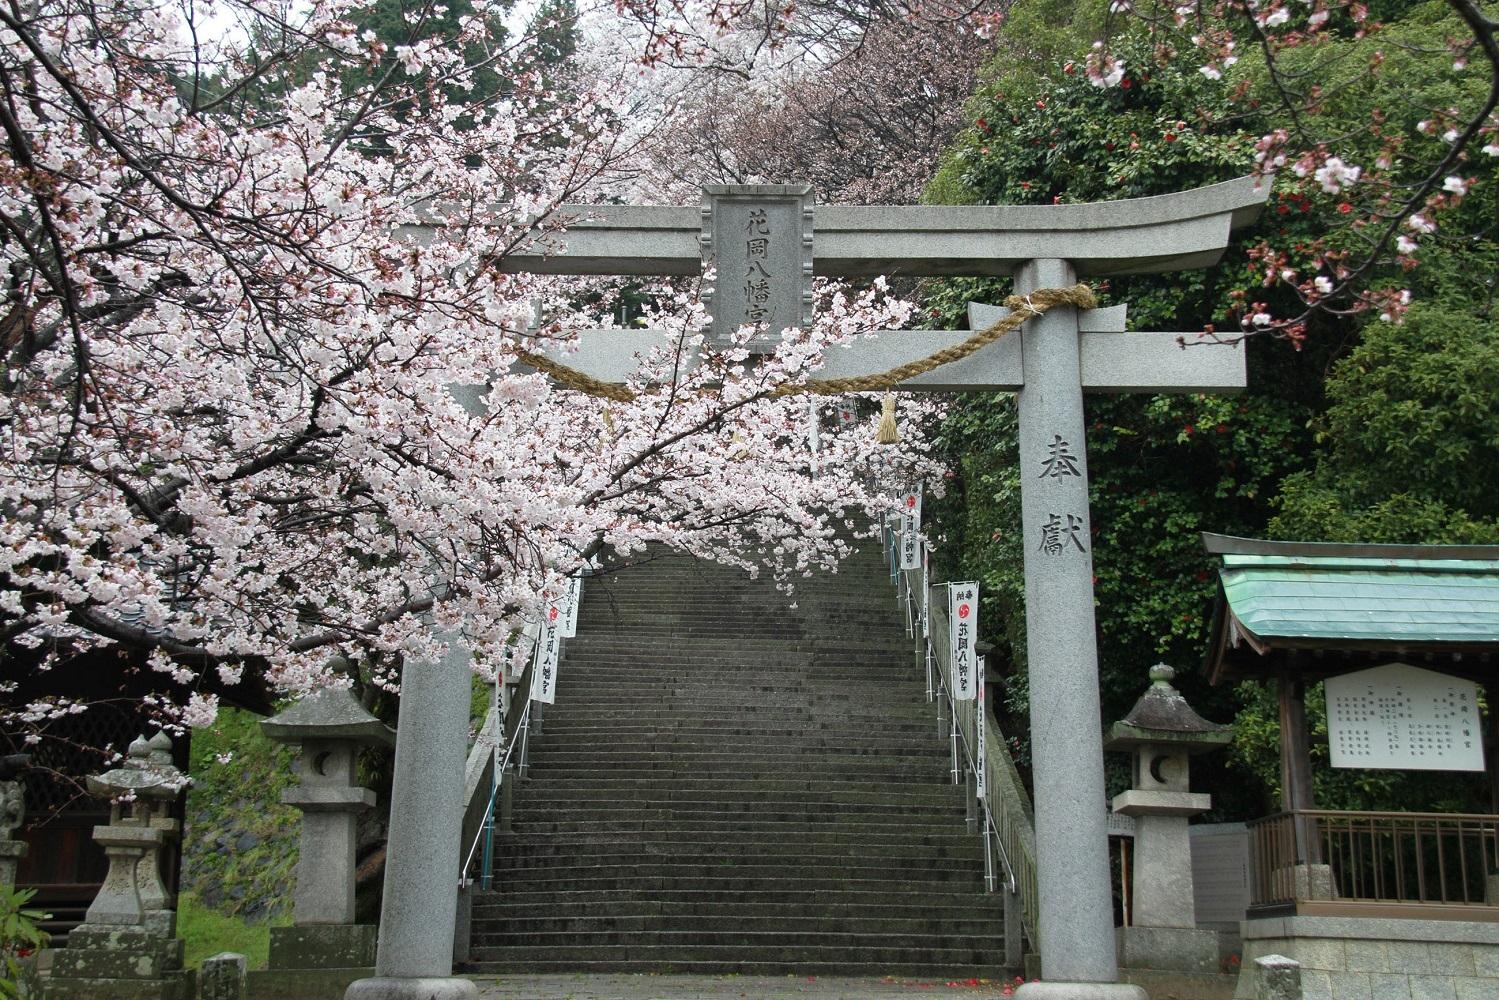 2. Hanaoka Hachimangu